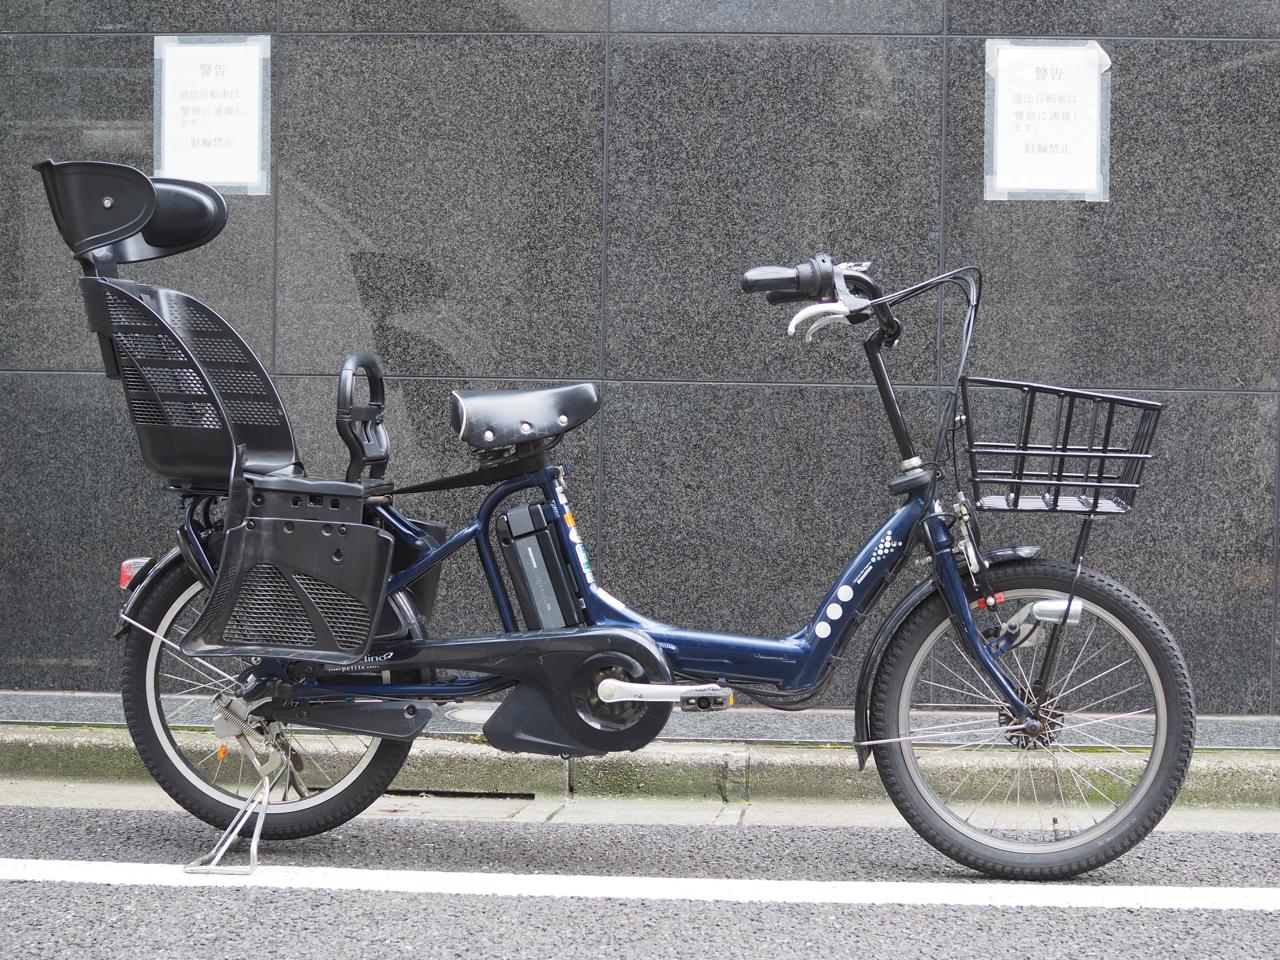 ブリヂストン,アンジェリーノ,子乗せ,電動自転車,子乗せ電動,チャイルドシート